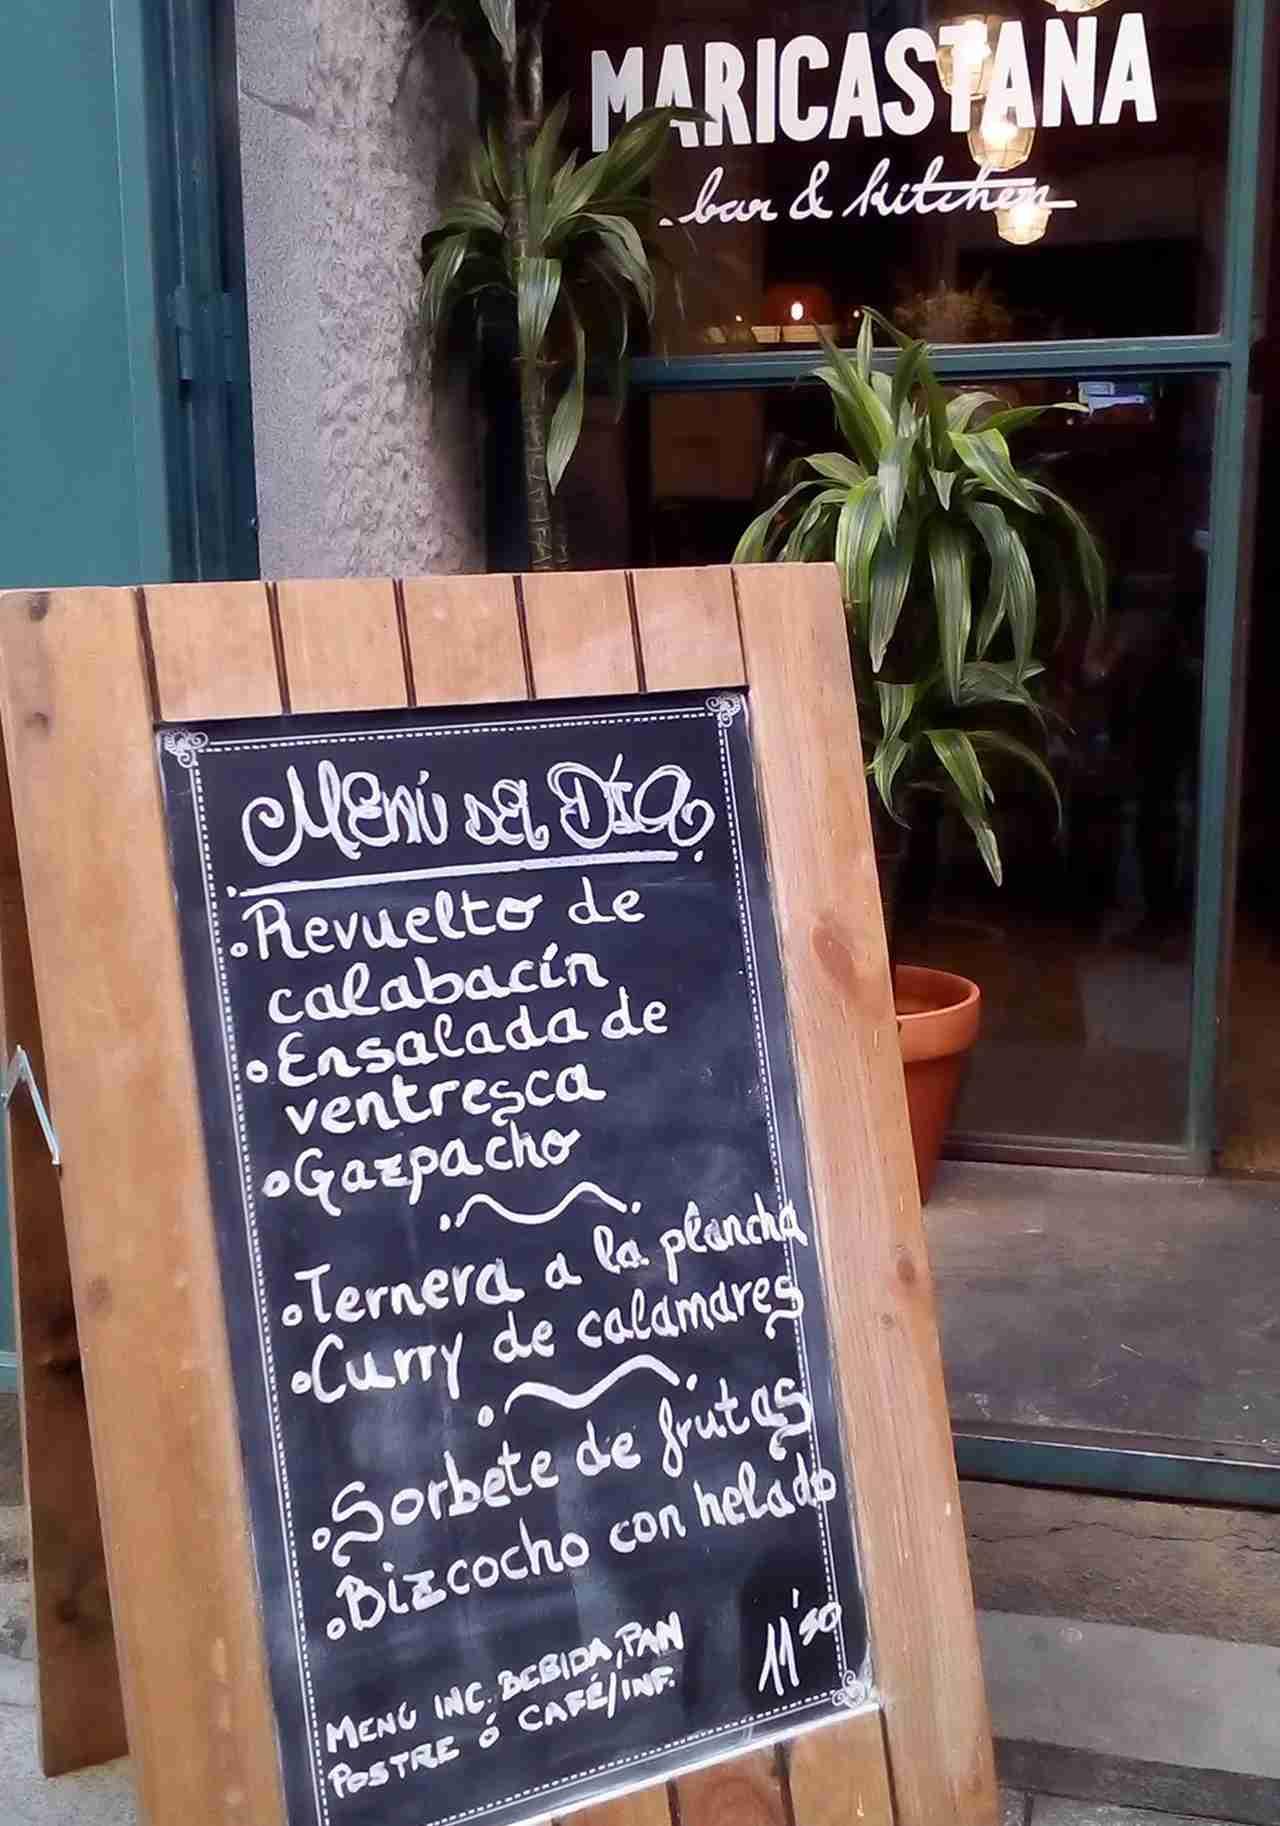 (Photo courtesy of Maricastaña)